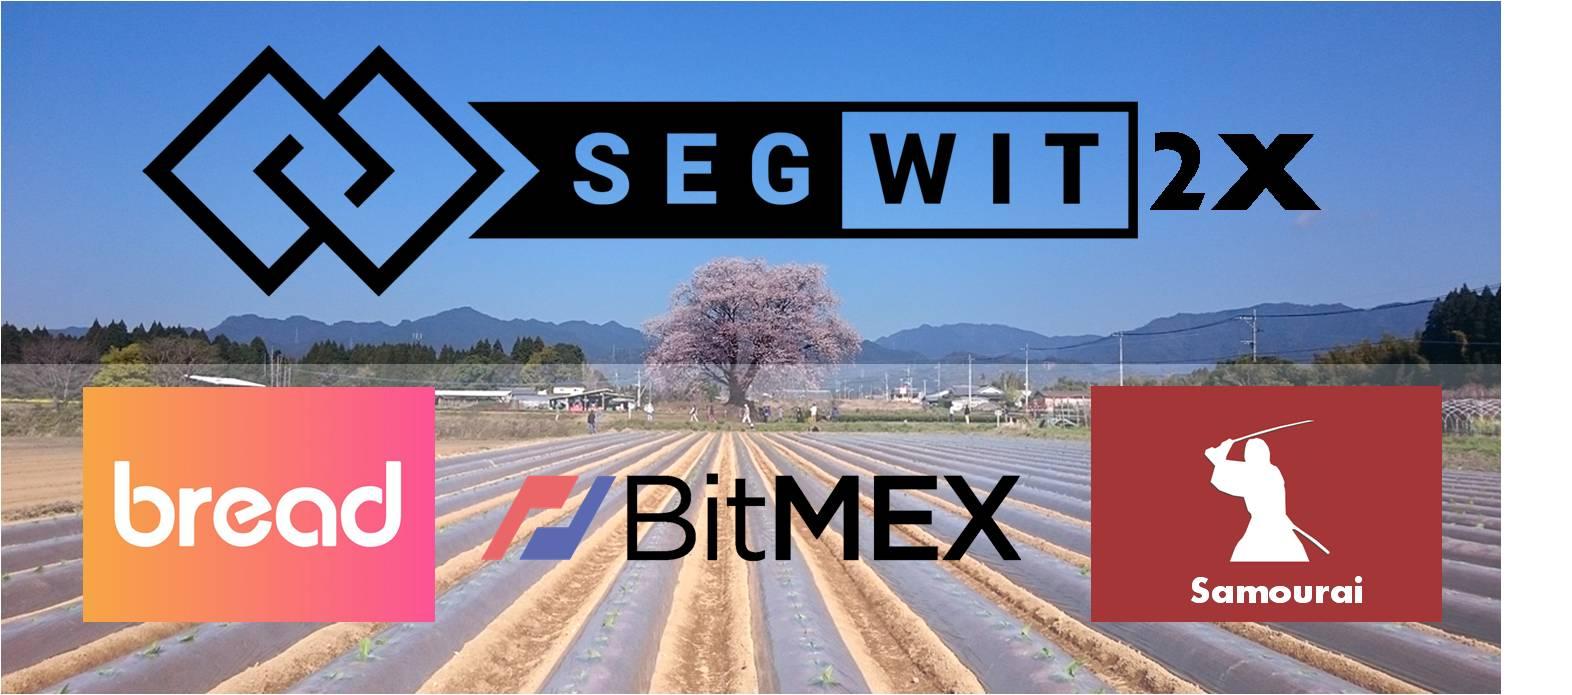 segwit2x, samourai, bitmex, bread, bifurcacion